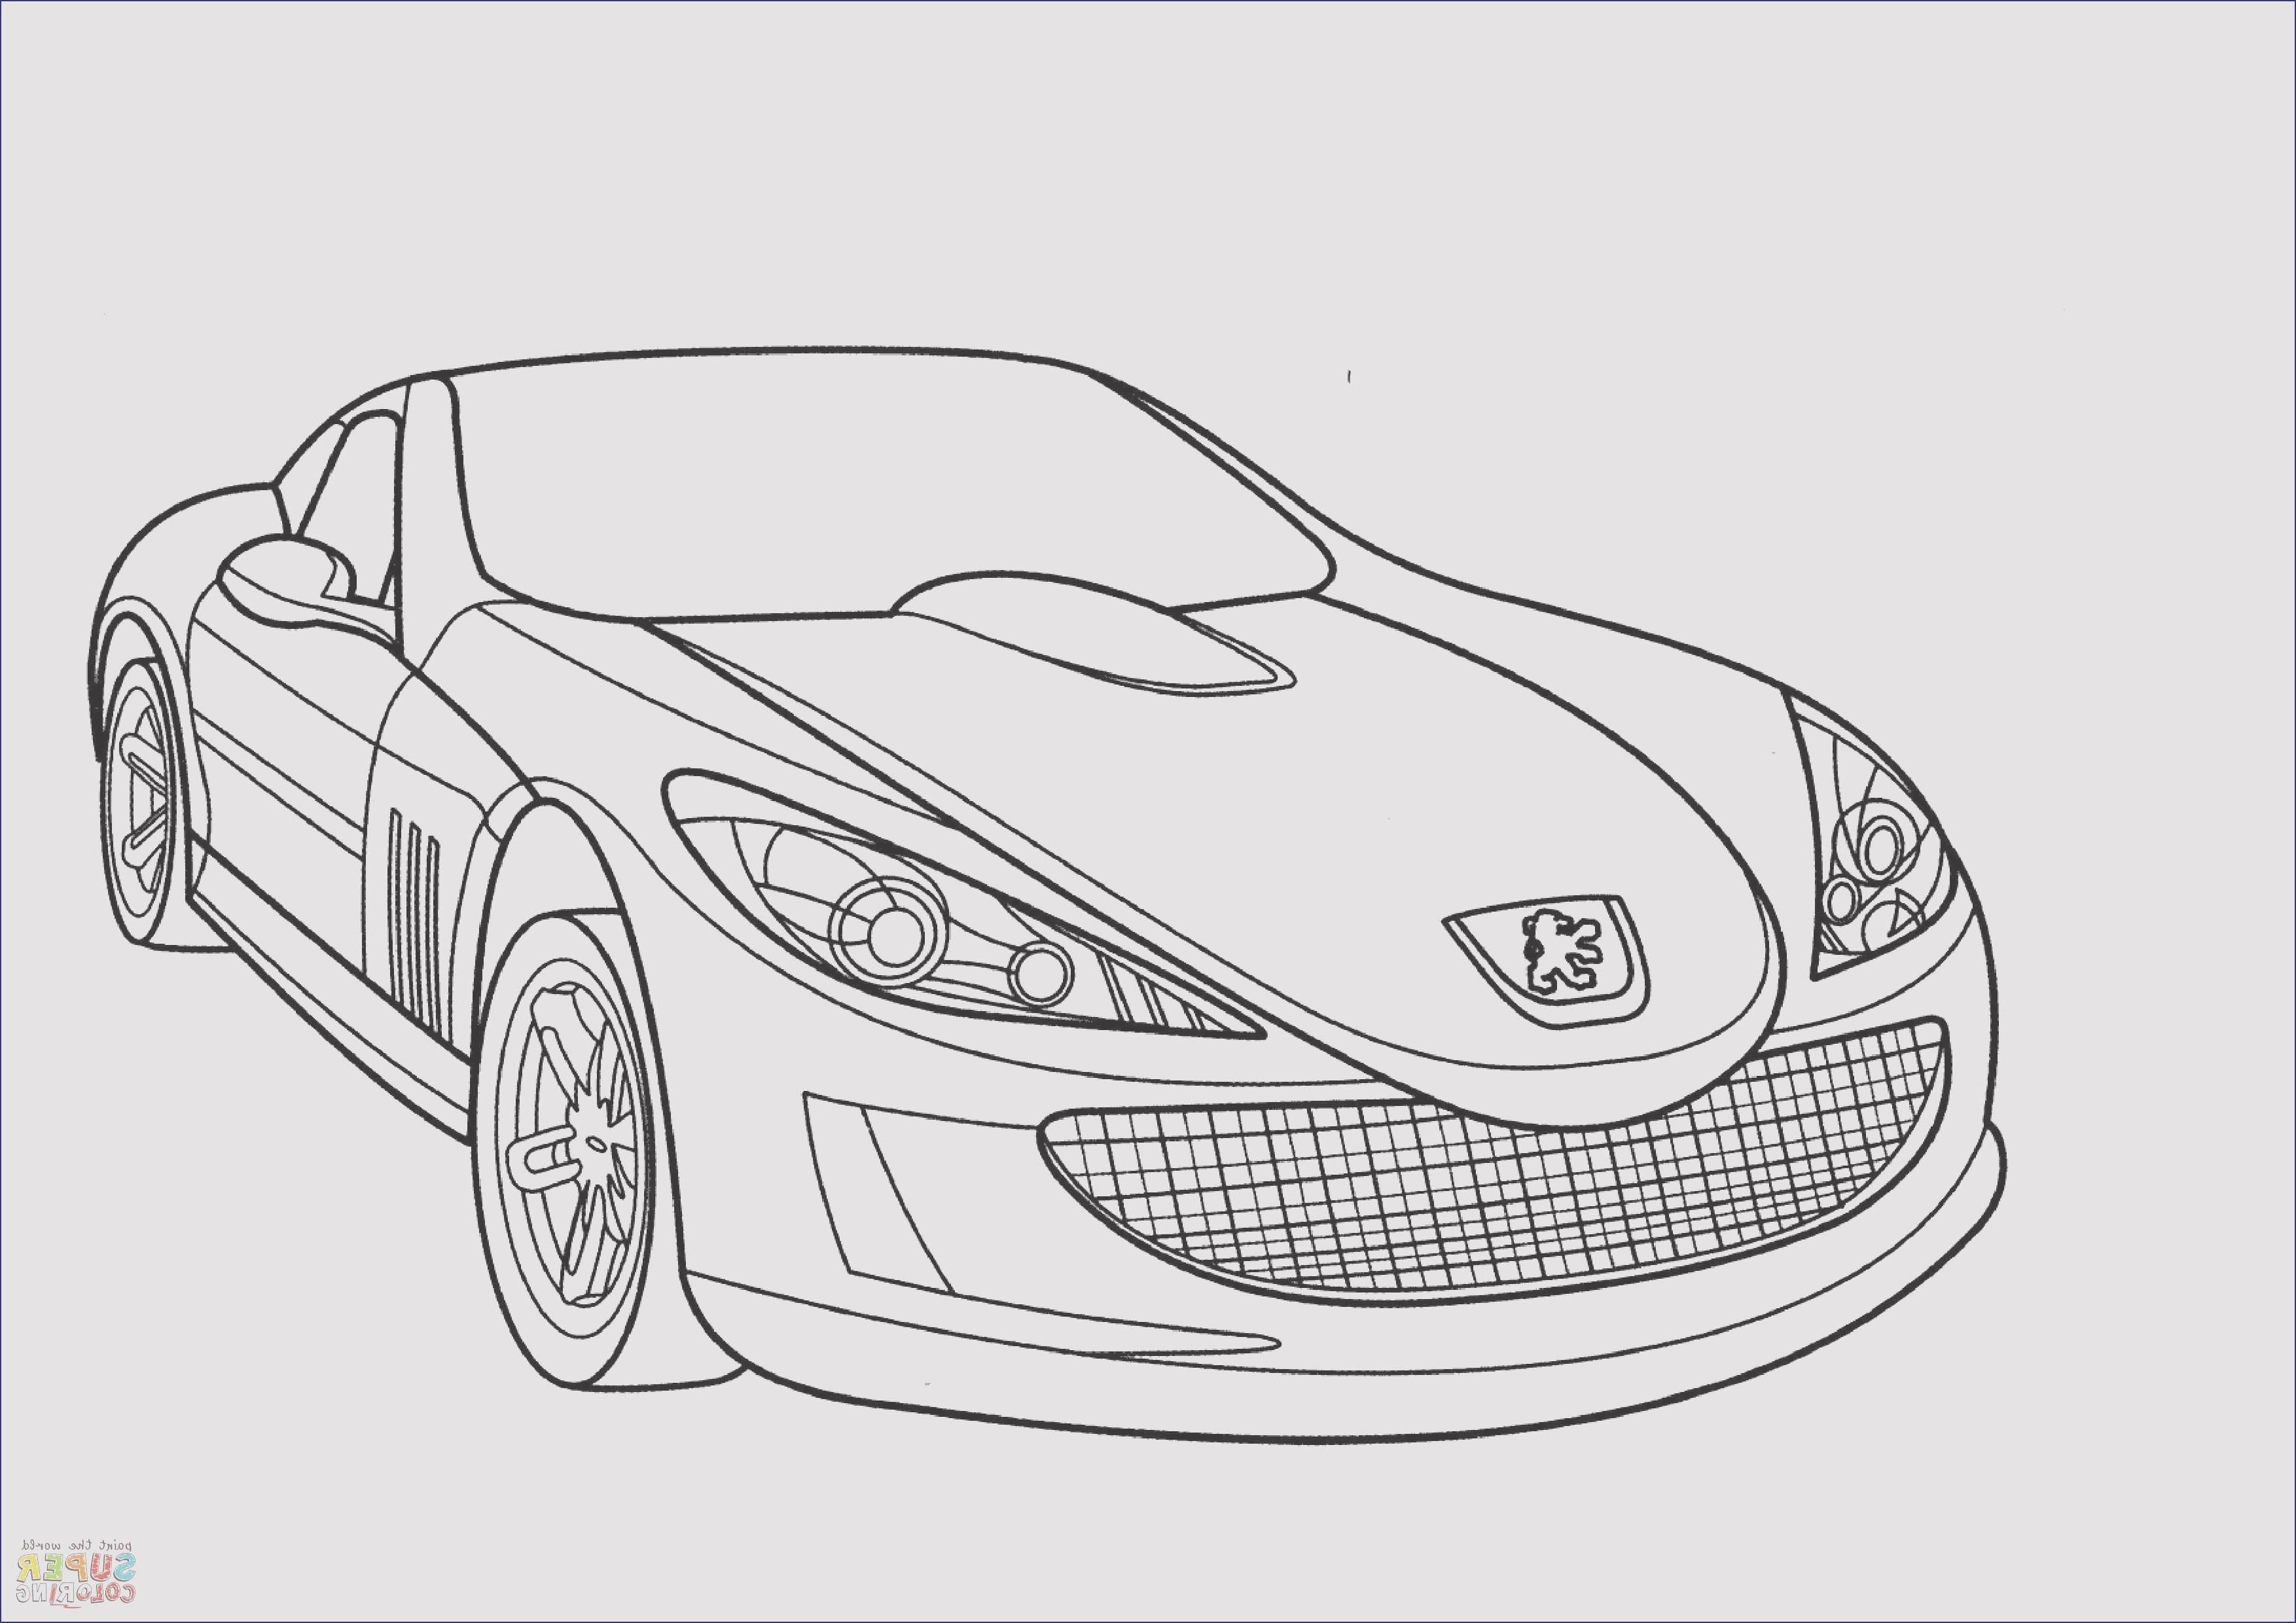 Lamborghini Zum Ausmalen Neu 29 Luxus Lamborghini Zum Ausmalen – Malvorlagen Ideen Galerie